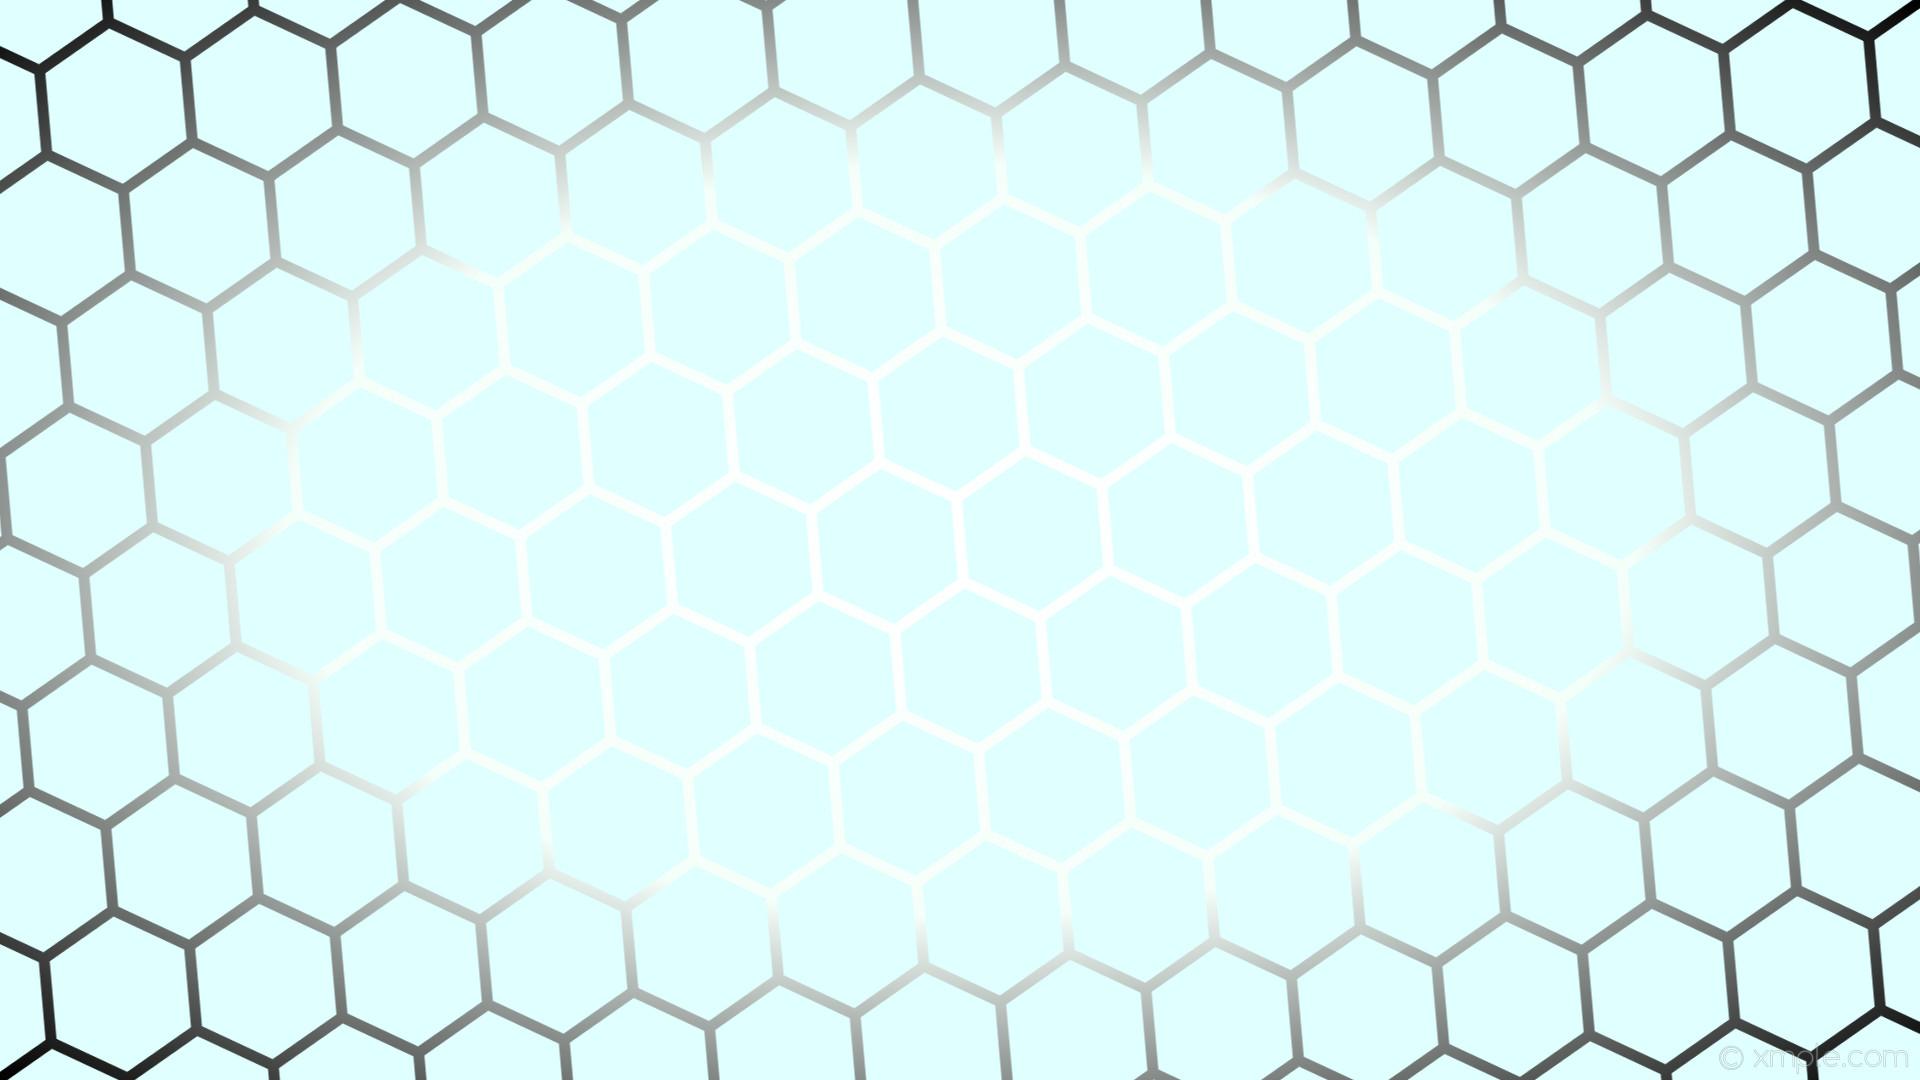 wallpaper hexagon glow black blue white gradient light cyan mint cream  #e0ffff #ffffff #